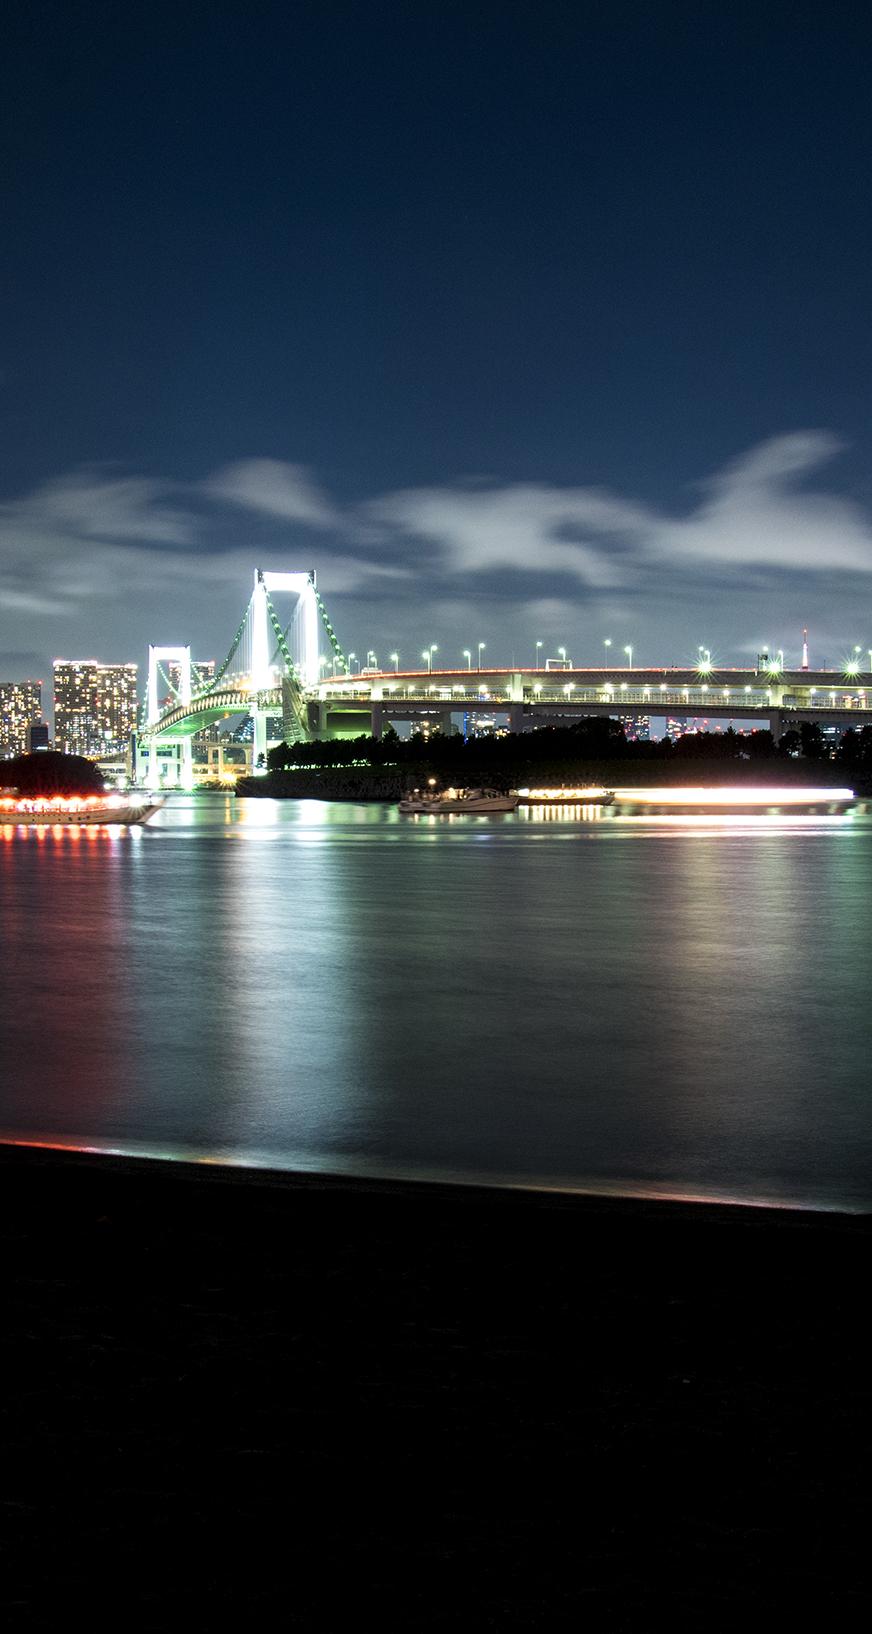 横浜の夜景のiphoneスマホ無料壁紙 待ち受け 1252 フォトック